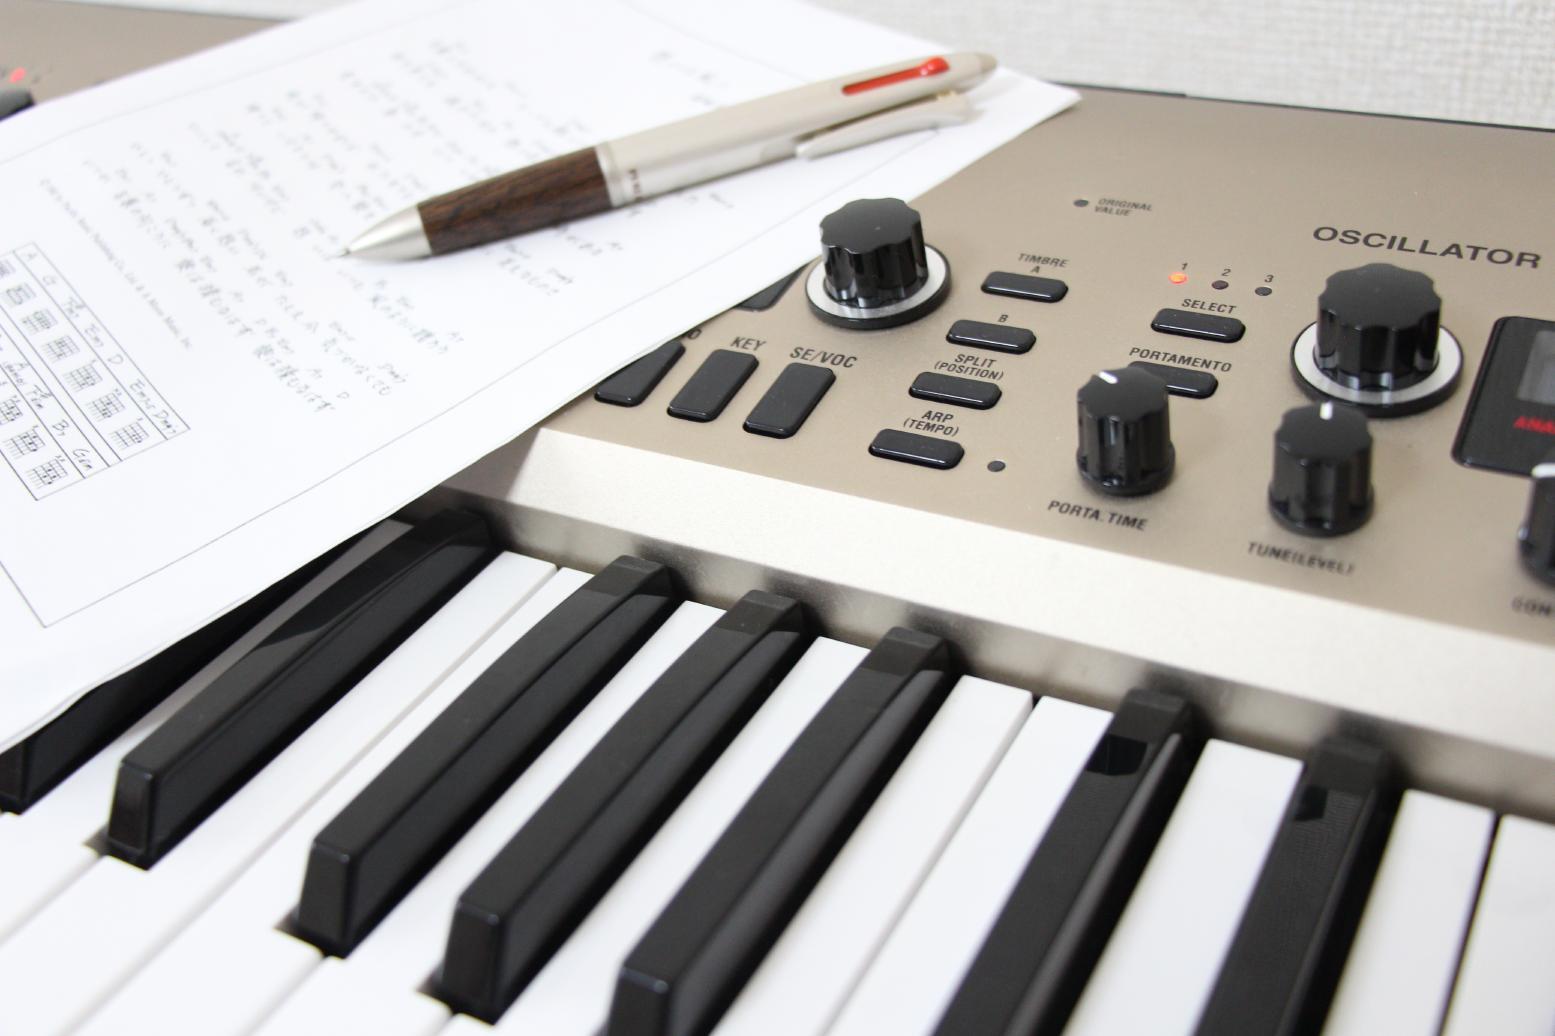 【動画付き】ピアノでできるコードの押さえ方&初心者向け練習方法